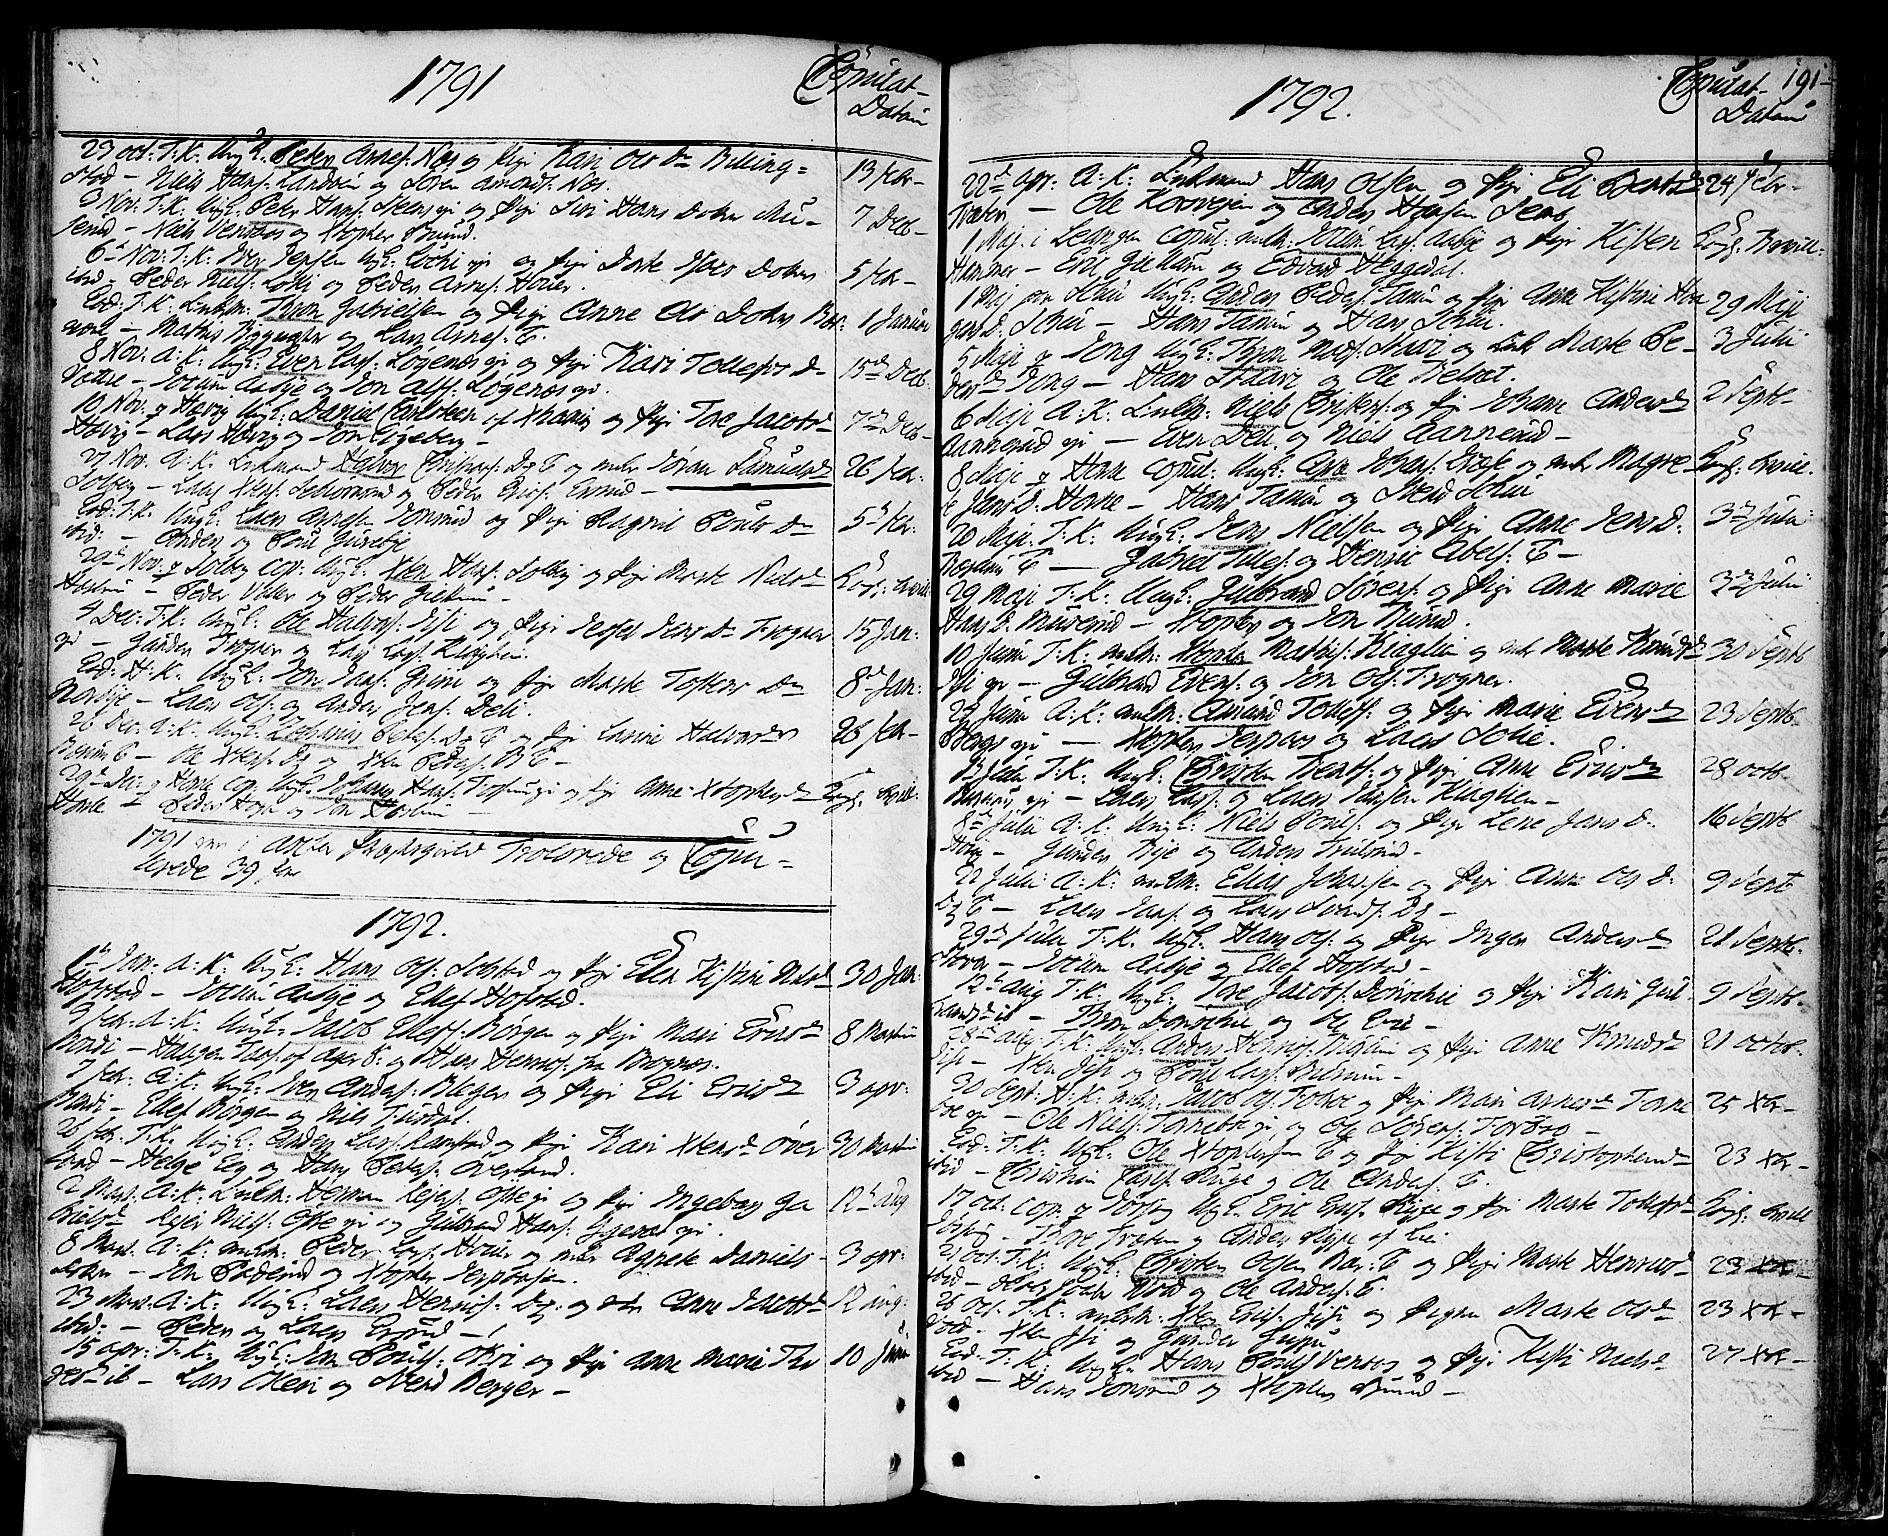 SAO, Asker prestekontor Kirkebøker, F/Fa/L0003: Ministerialbok nr. I 3, 1767-1807, s. 191